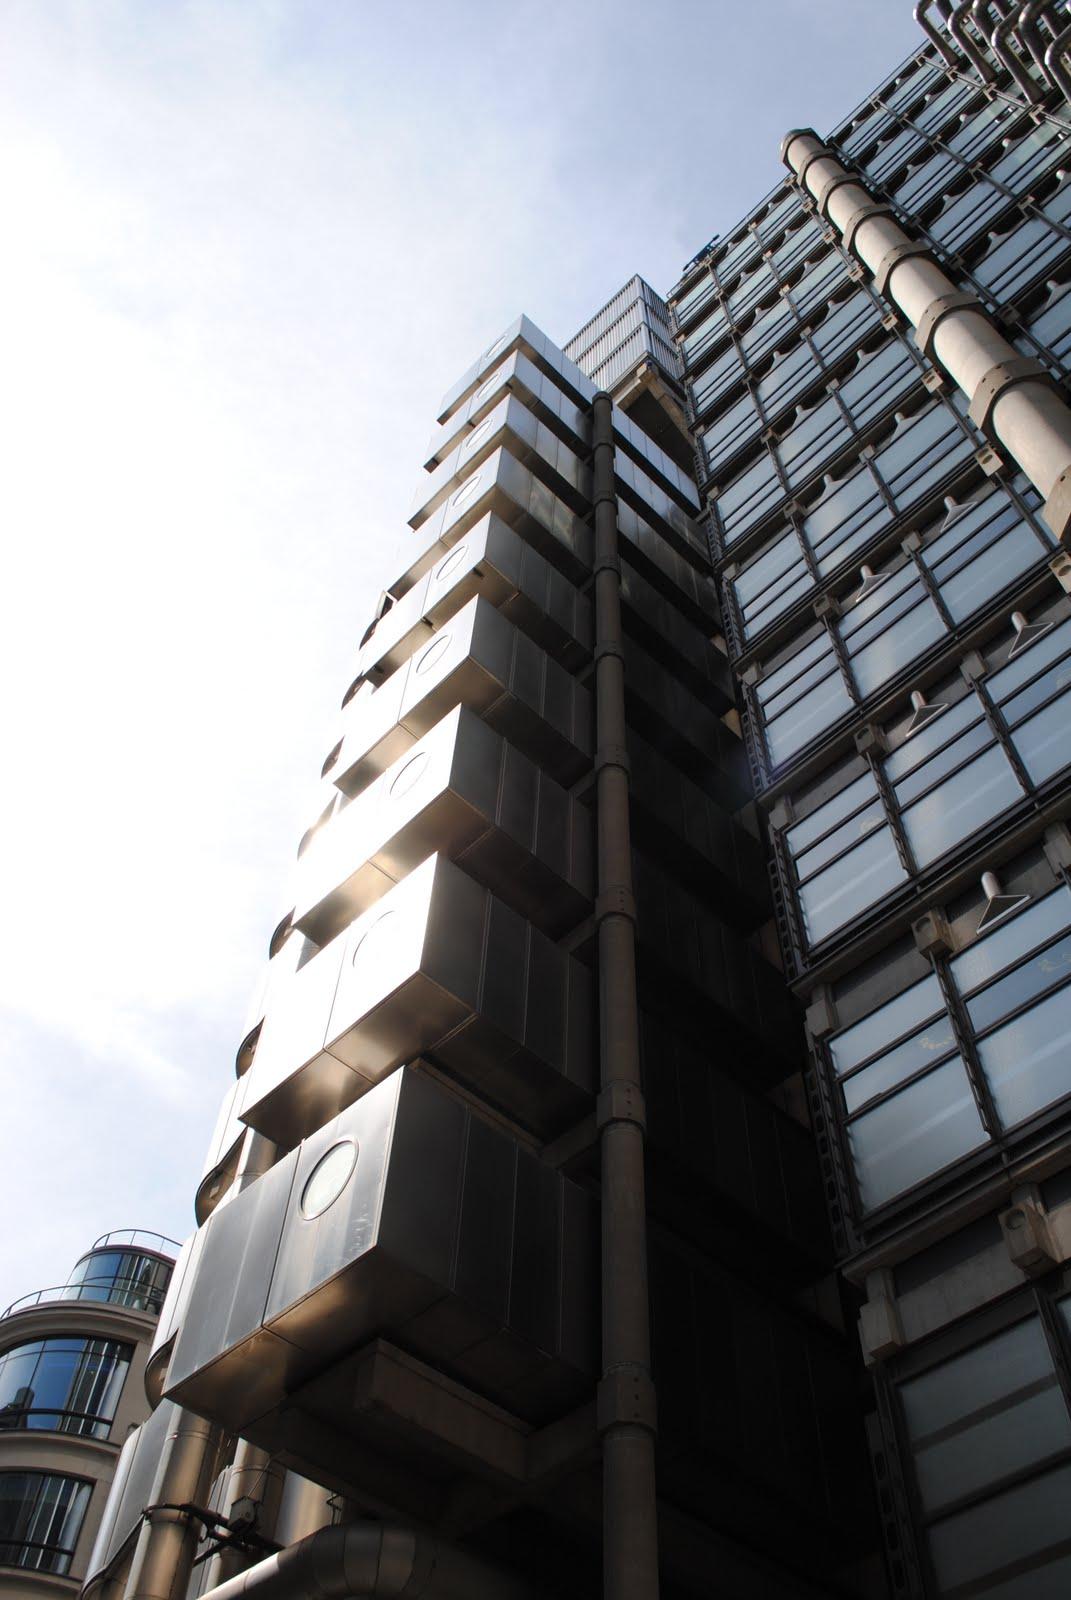 D Exhibition Model : Dove lloyds building richard rogers london